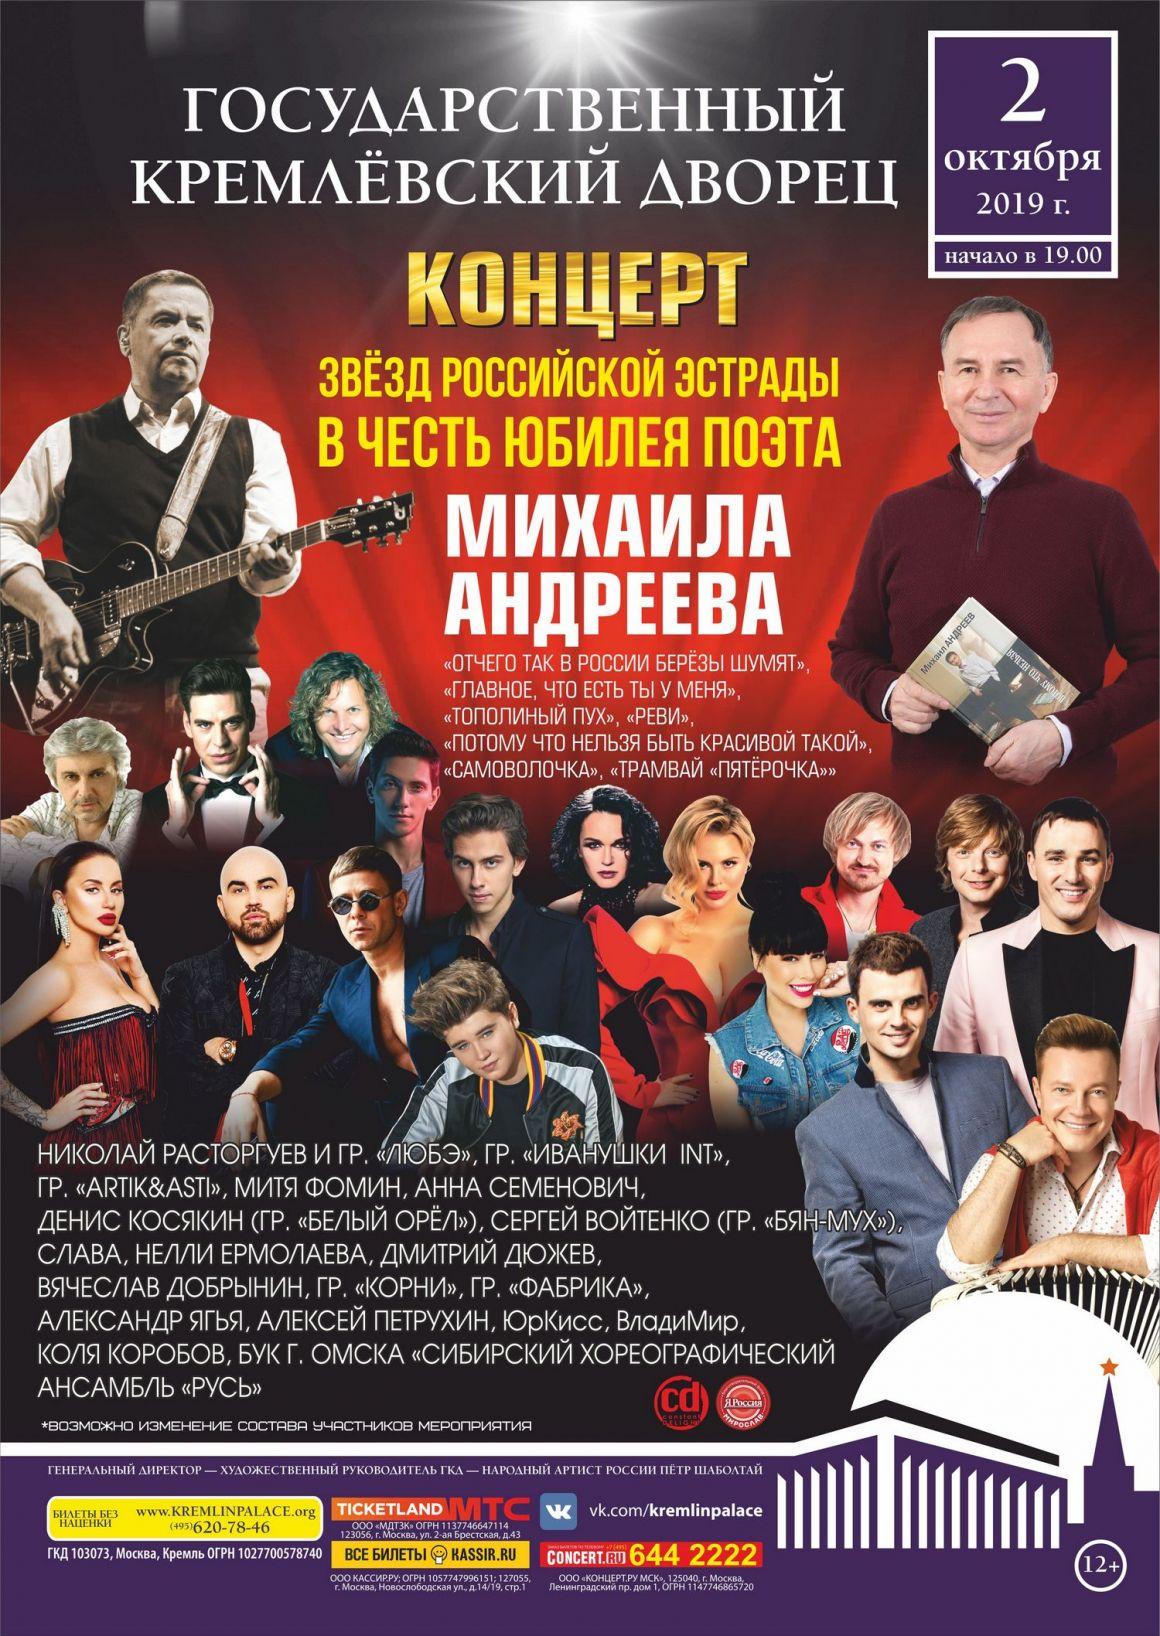 Концерт звезд российской эстрады в честь юбилея поэта Михаила Андреева